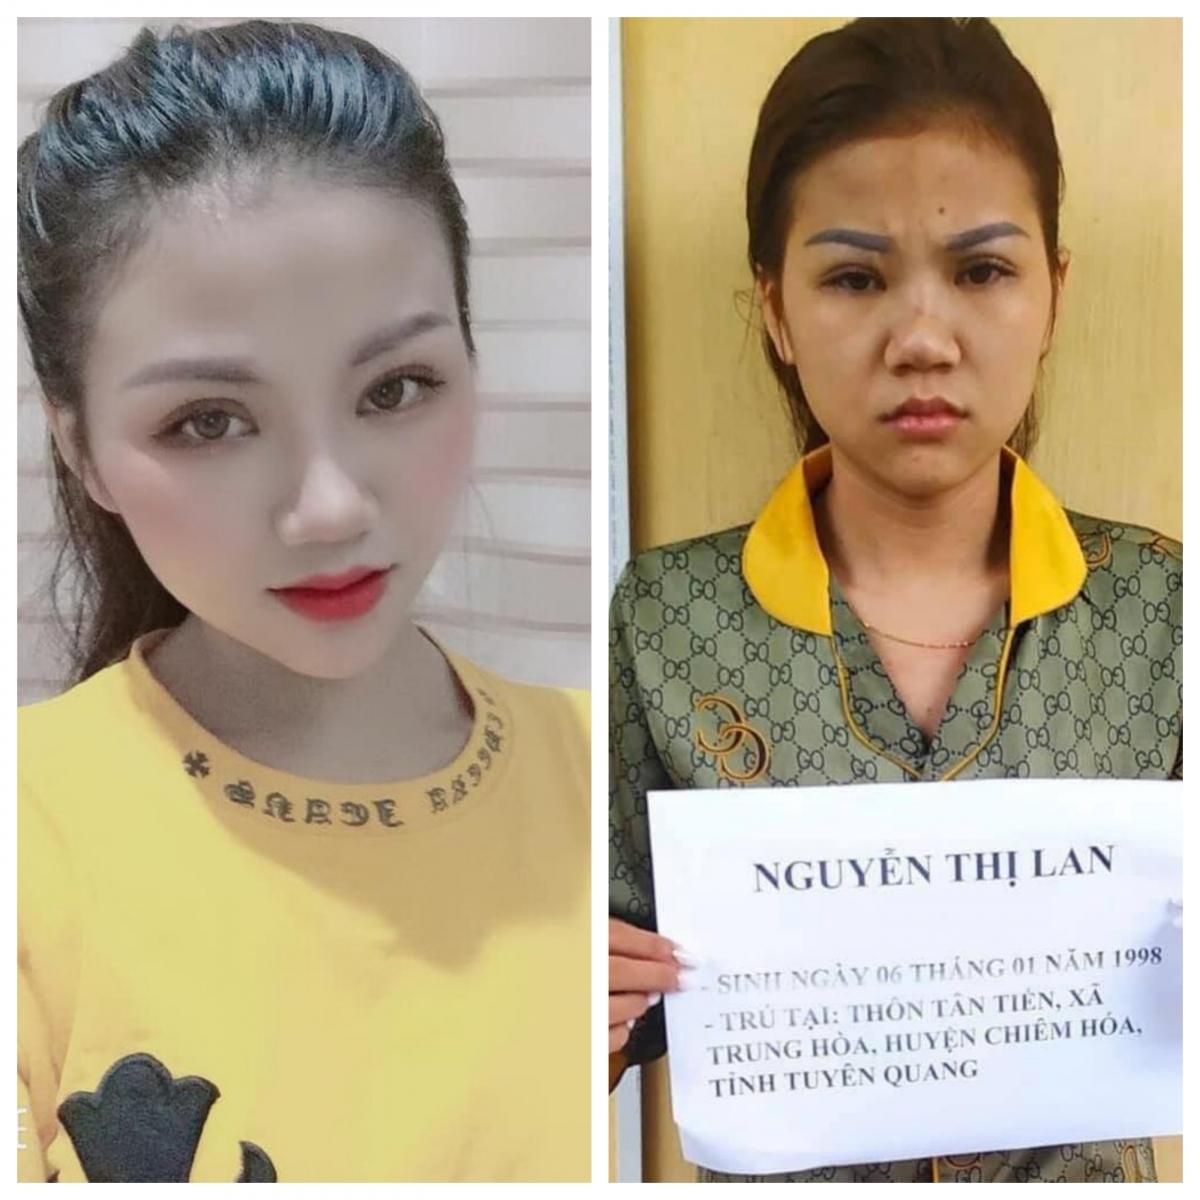 Nguyễn Thị Lan